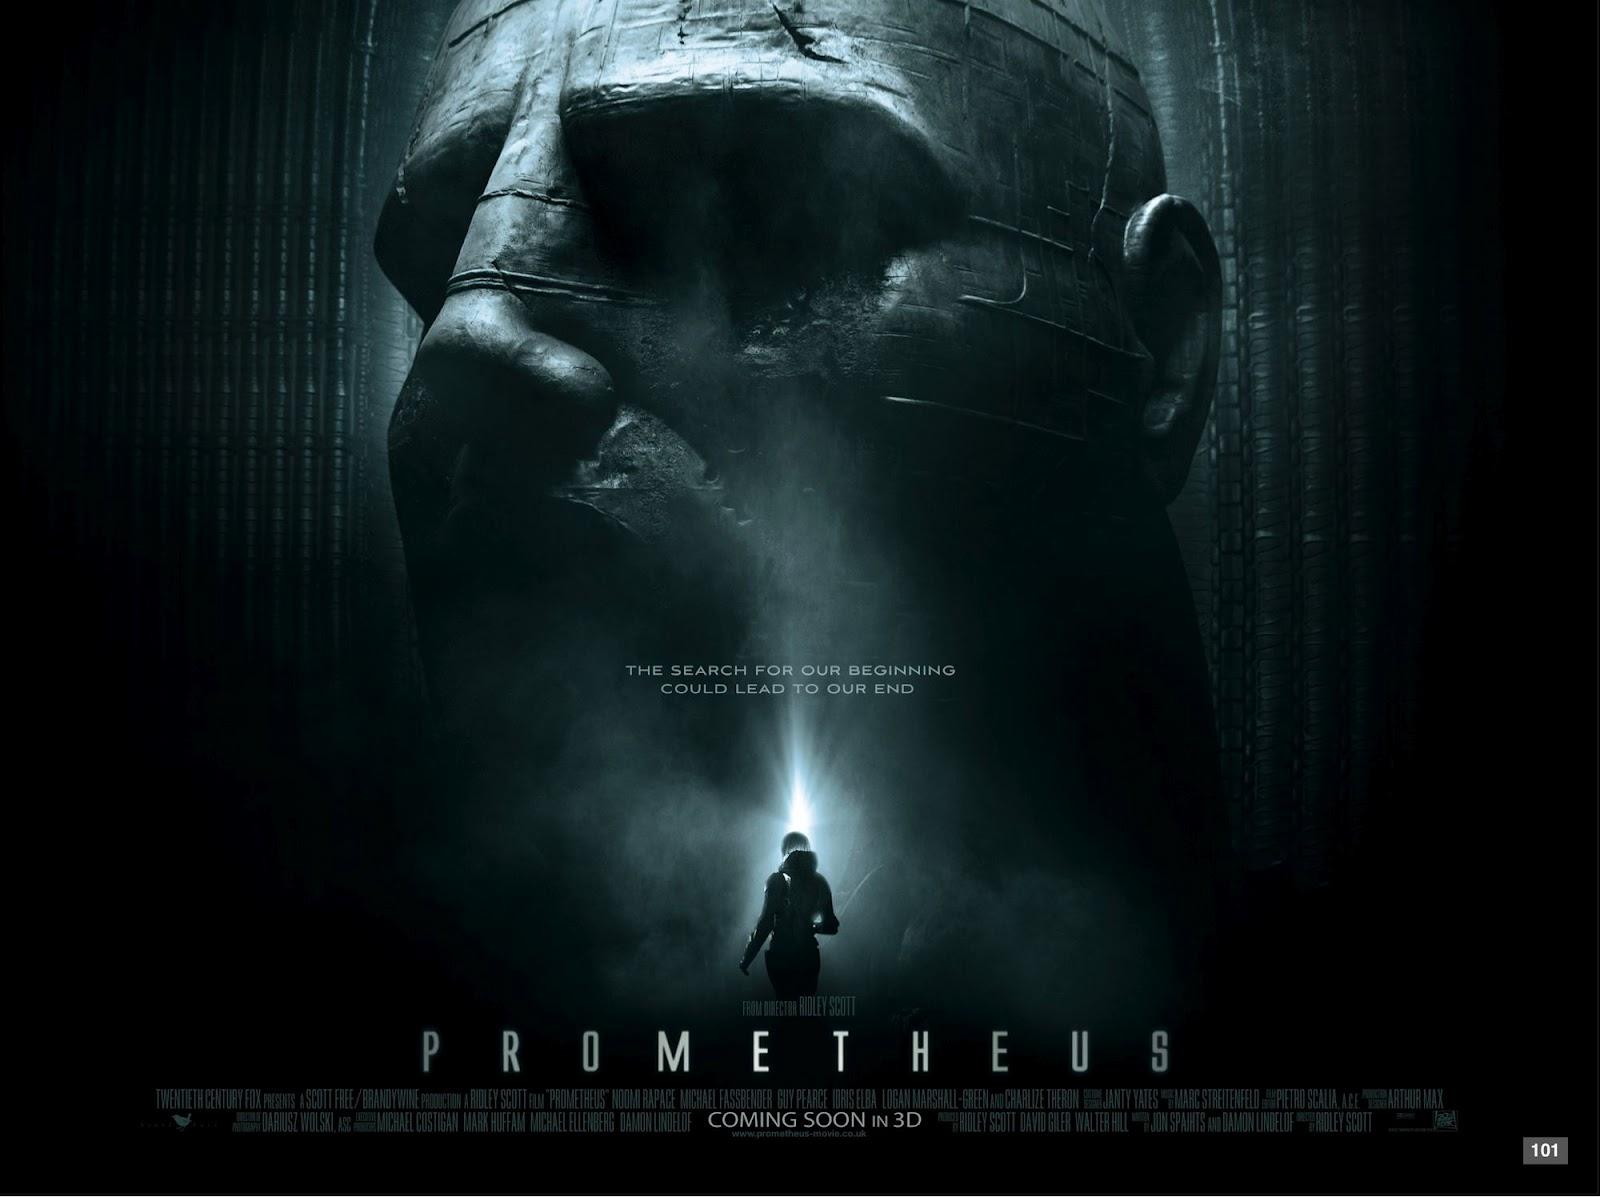 Prometheus+poster+quad.JPG